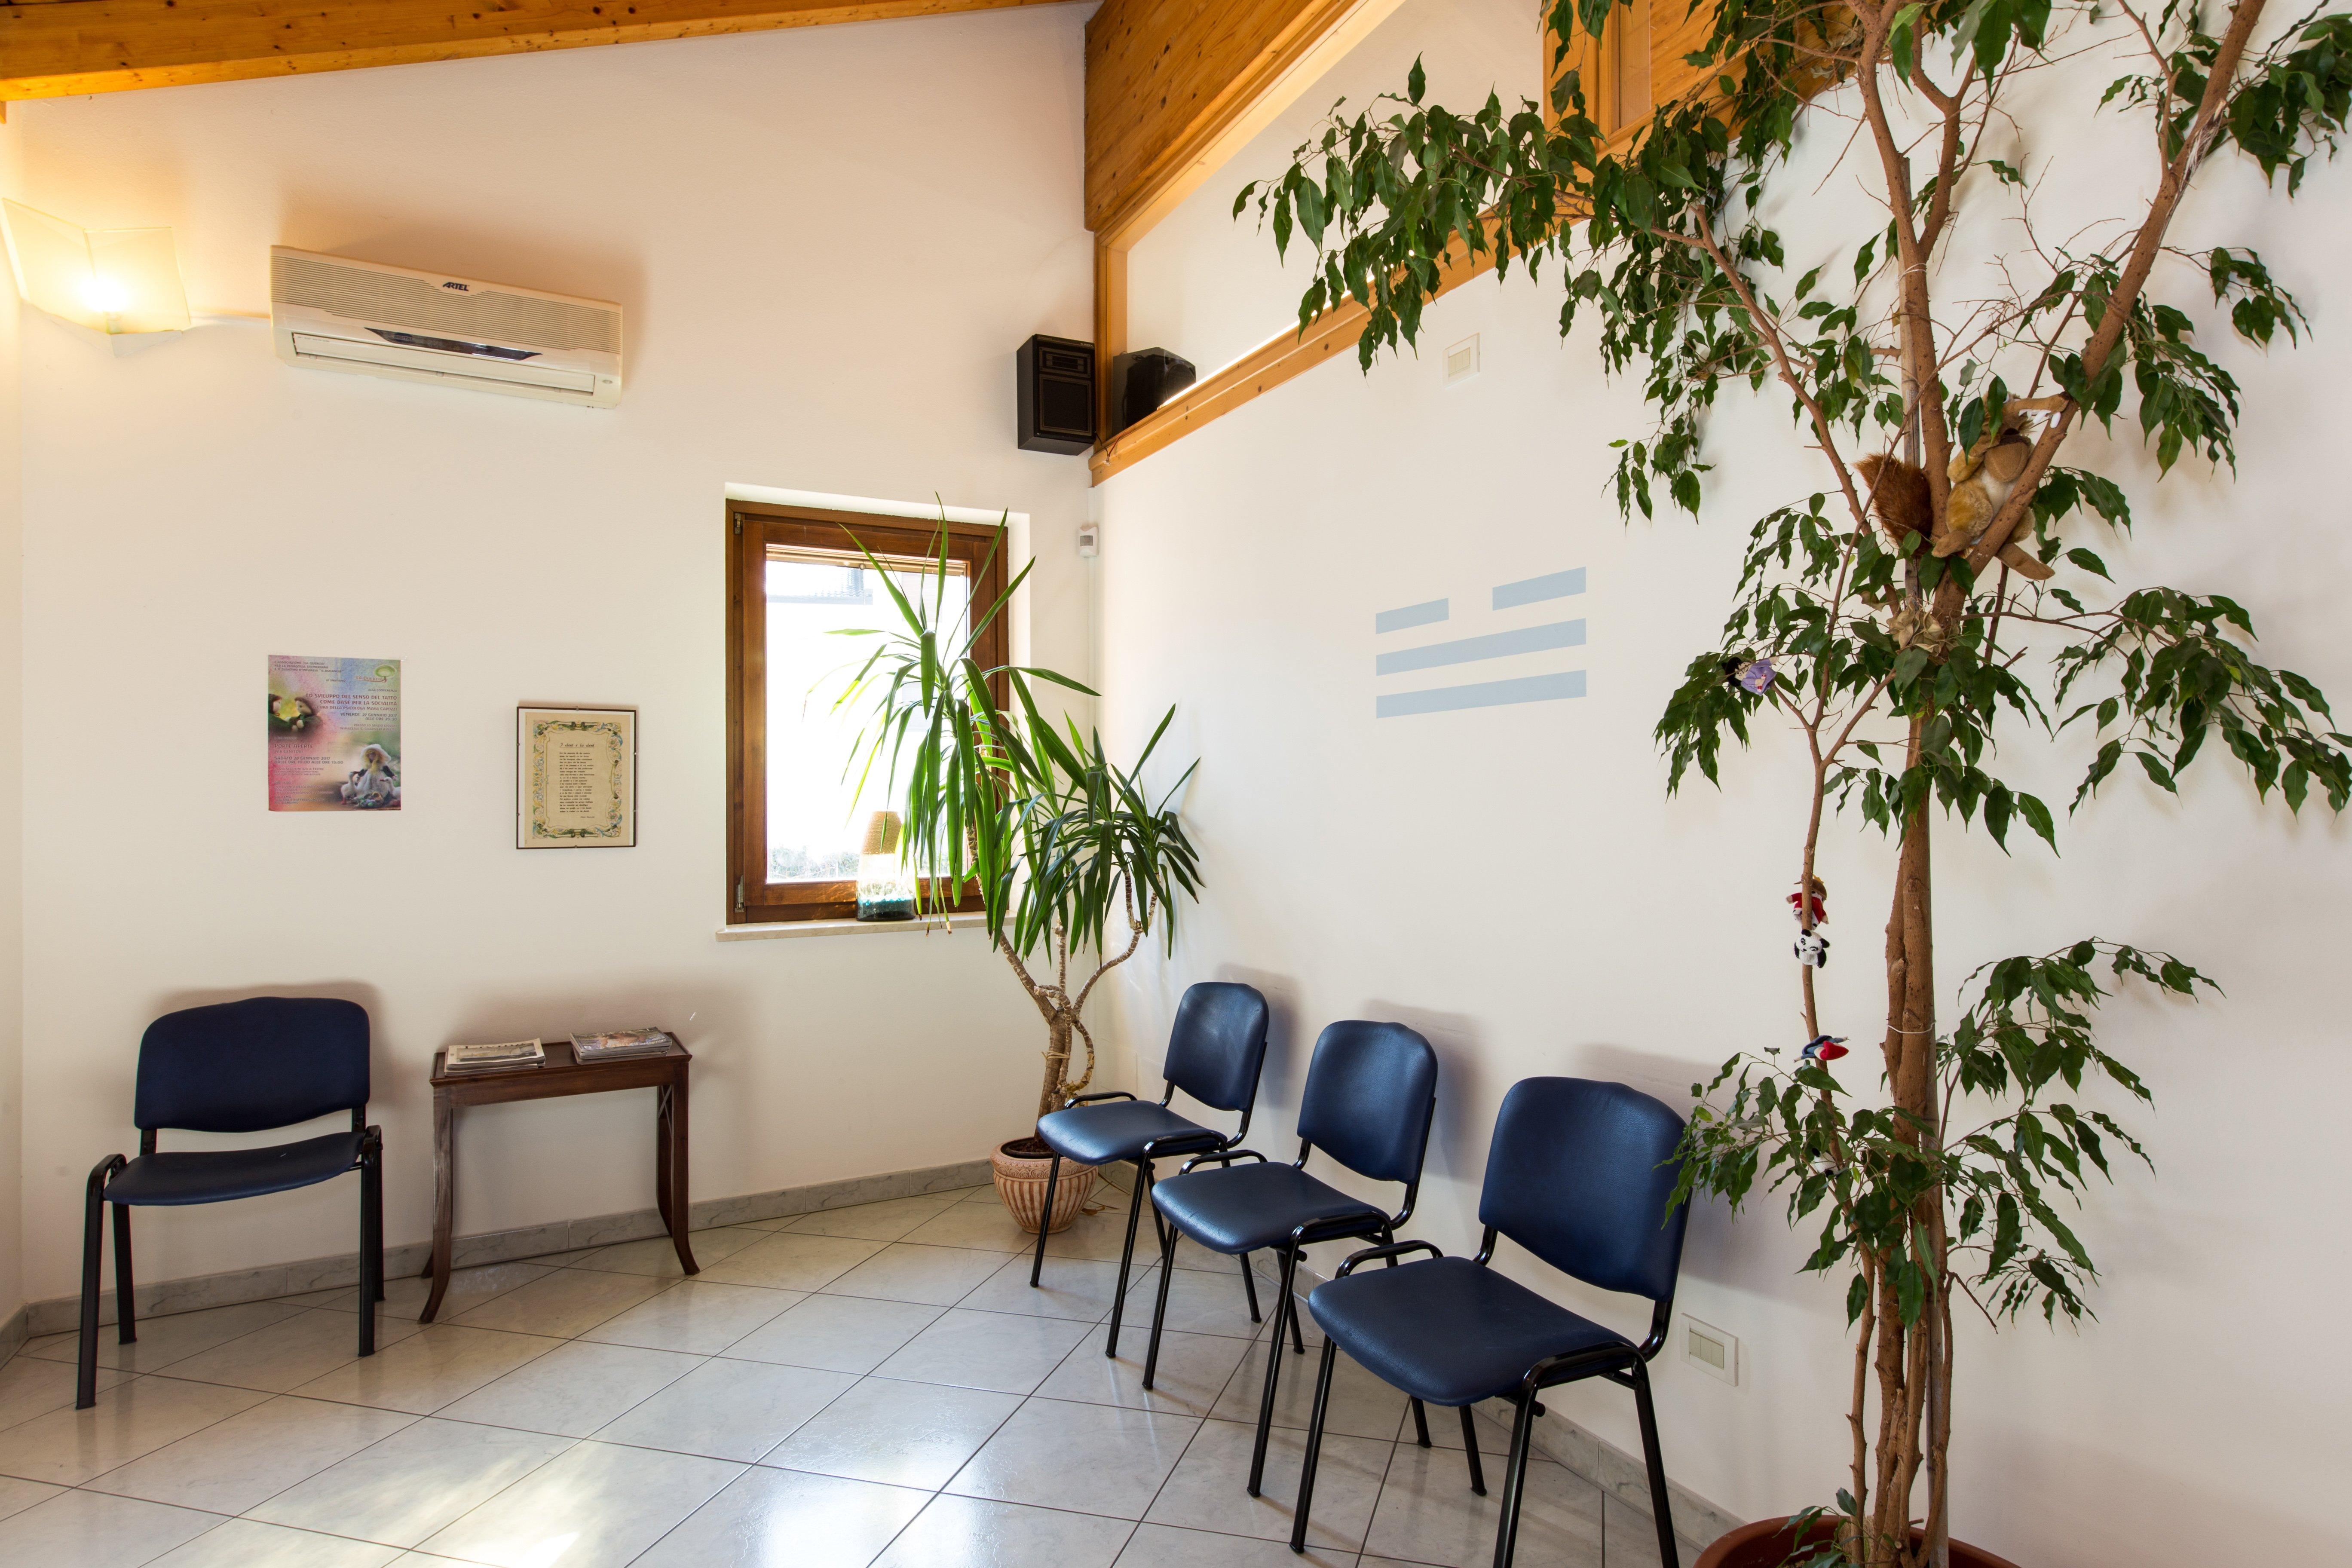 Sala d'attesa dello Studio Dentistico Benvegnù ad Arten, Belluno